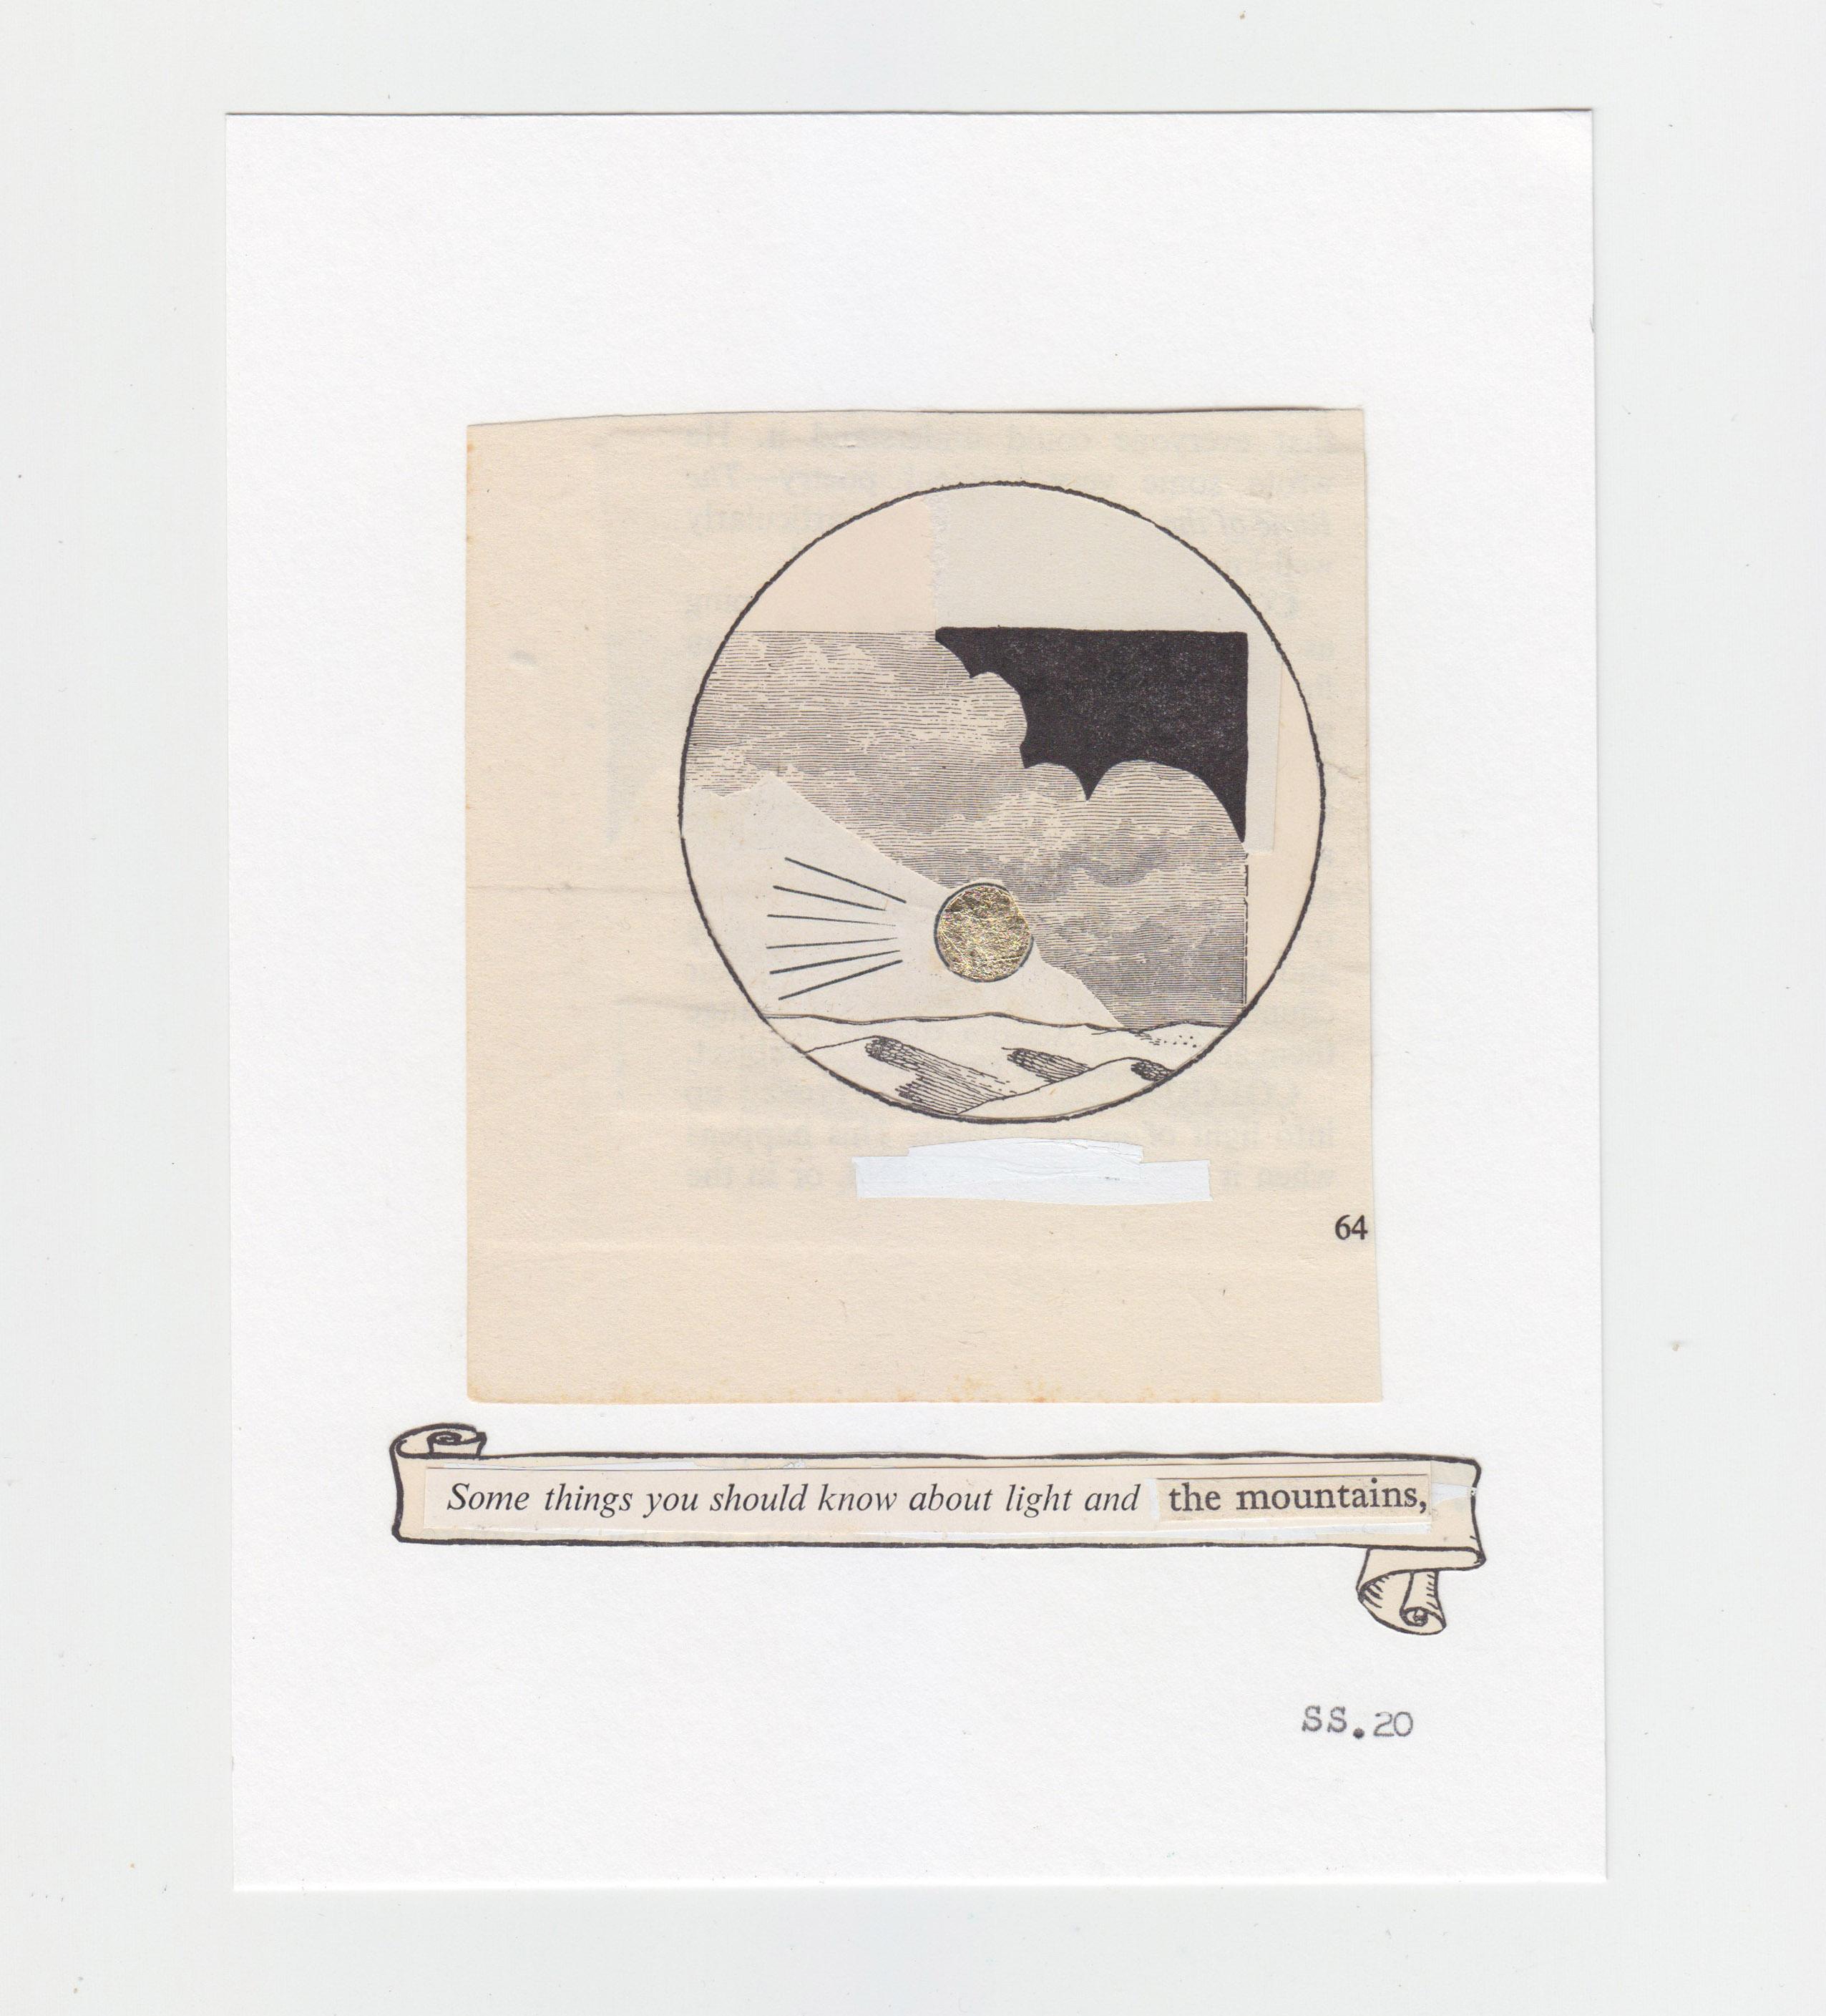 S 1.07 - 14x18 cm